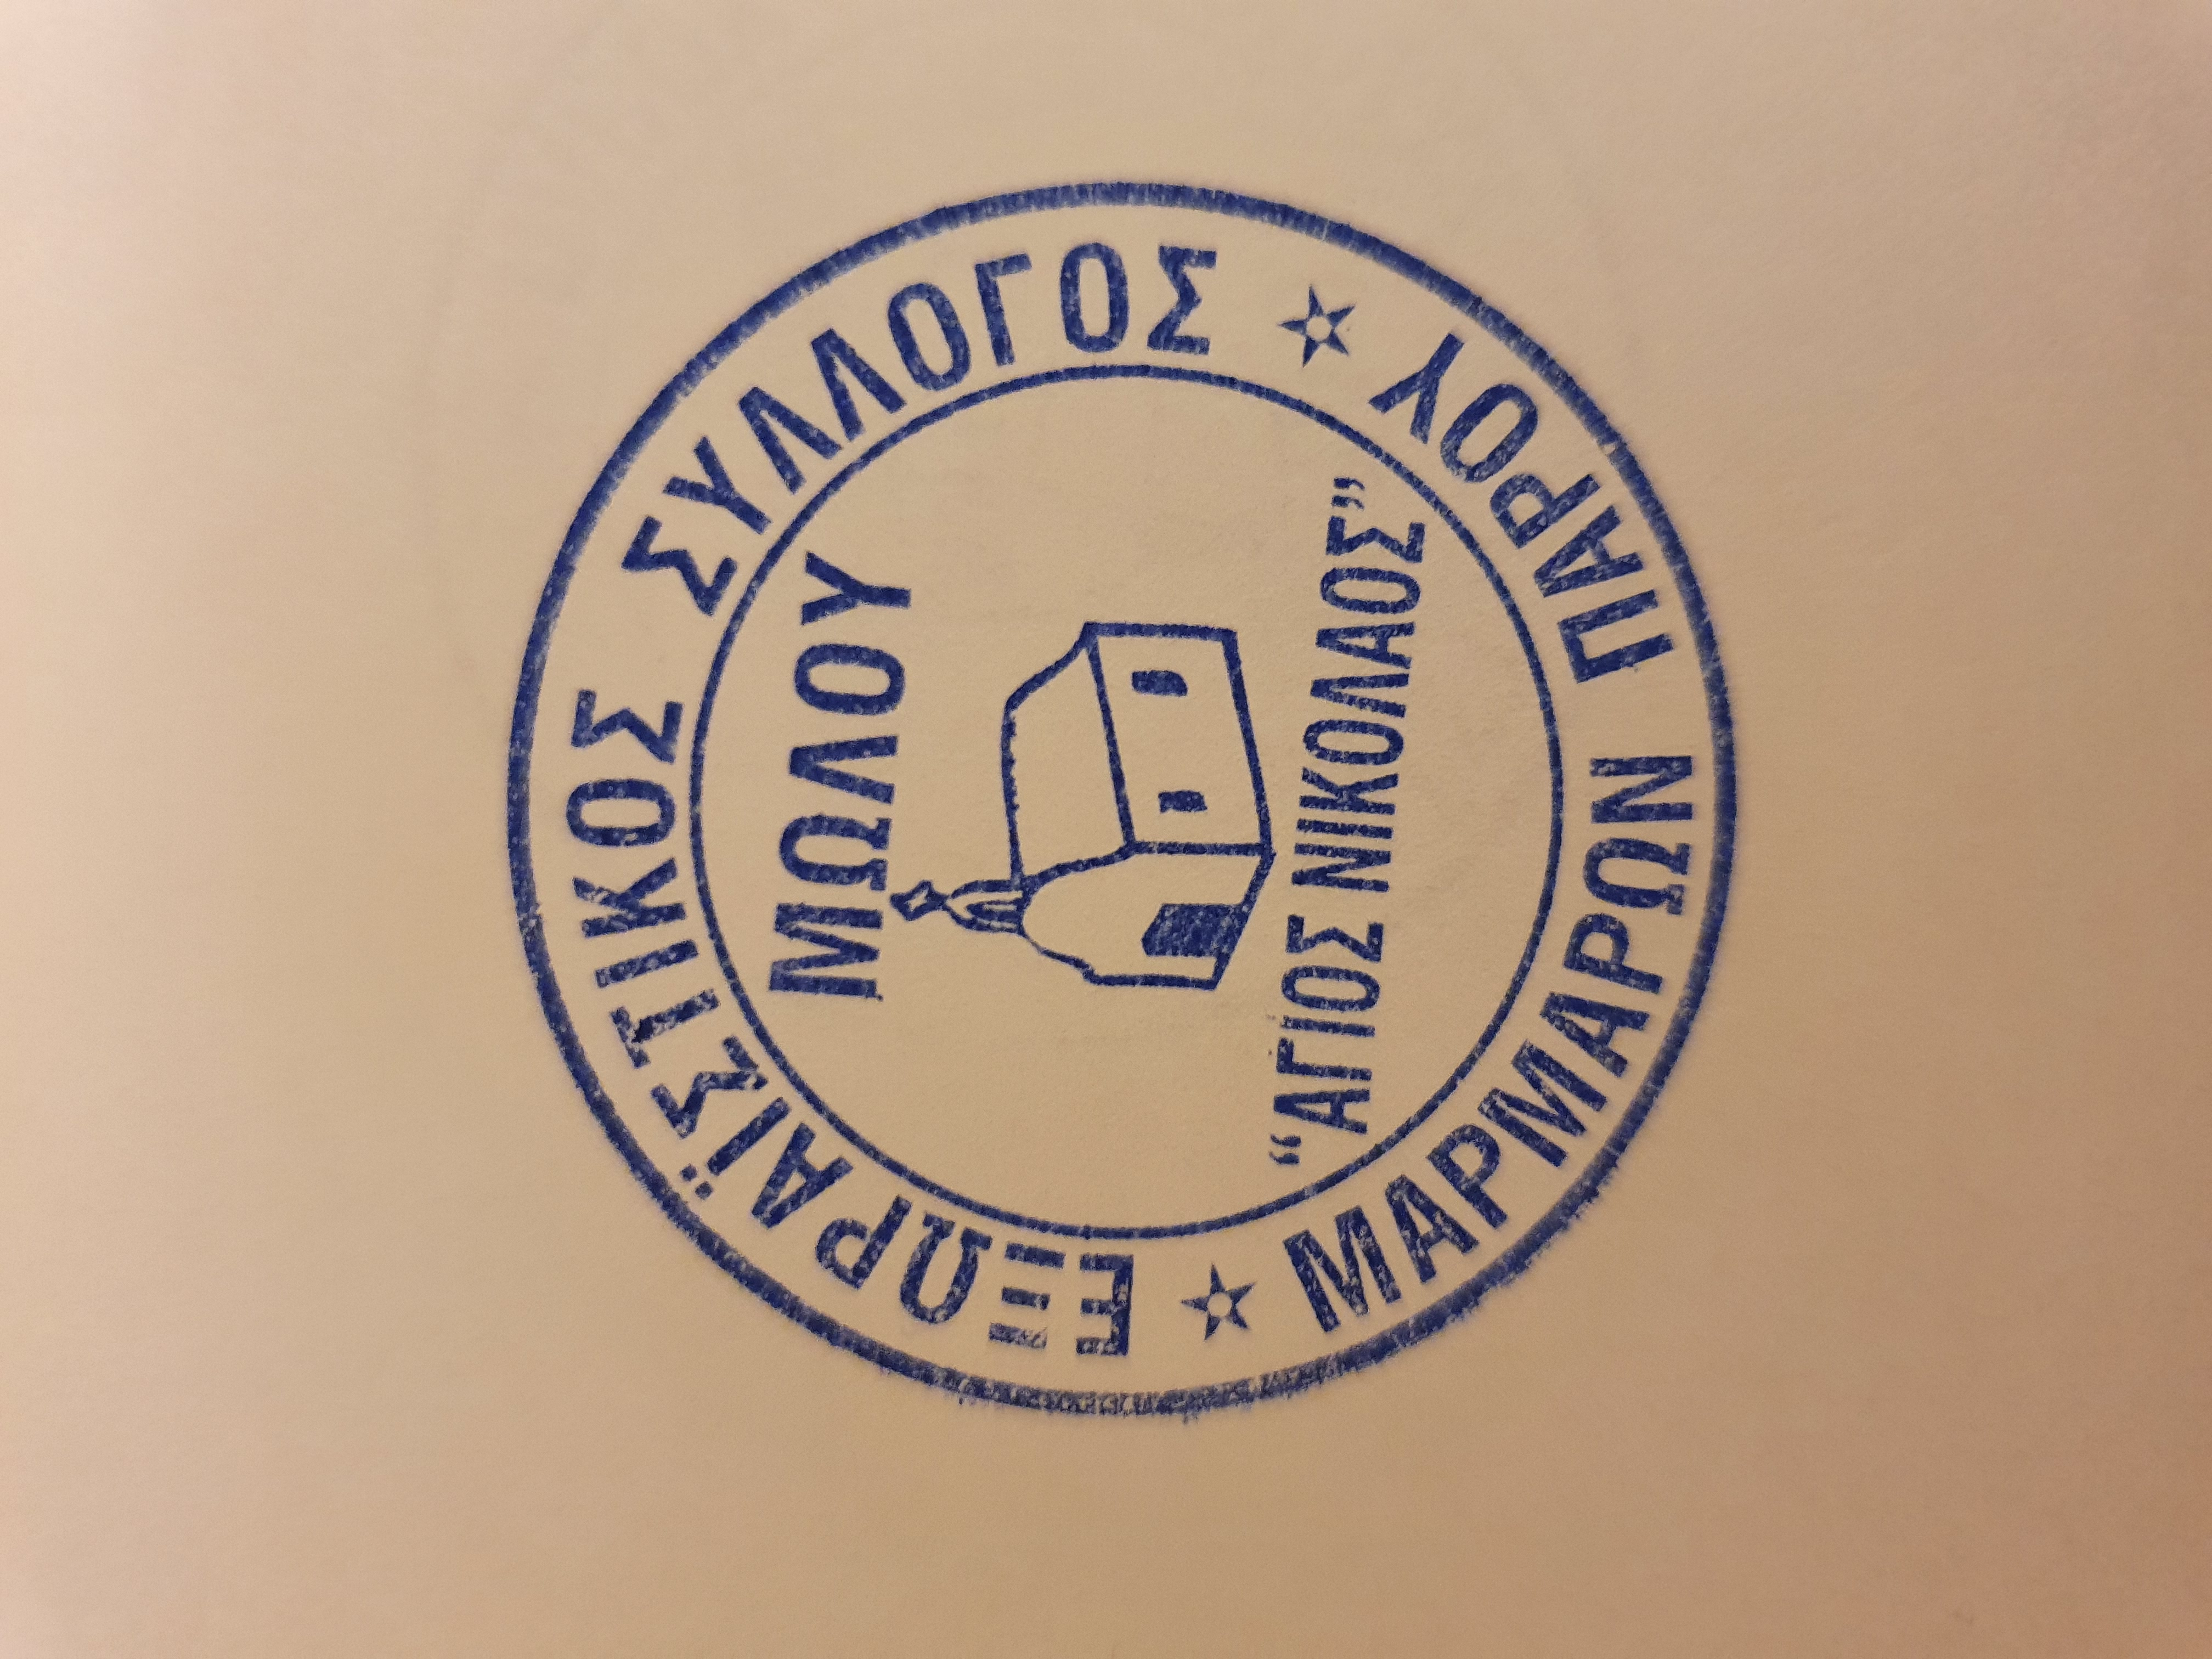 """Εξωραιστικός Σύλλογος Μώλου Μαρμάρων Πάρου """"Ο Άγιος Νικόλαος"""""""